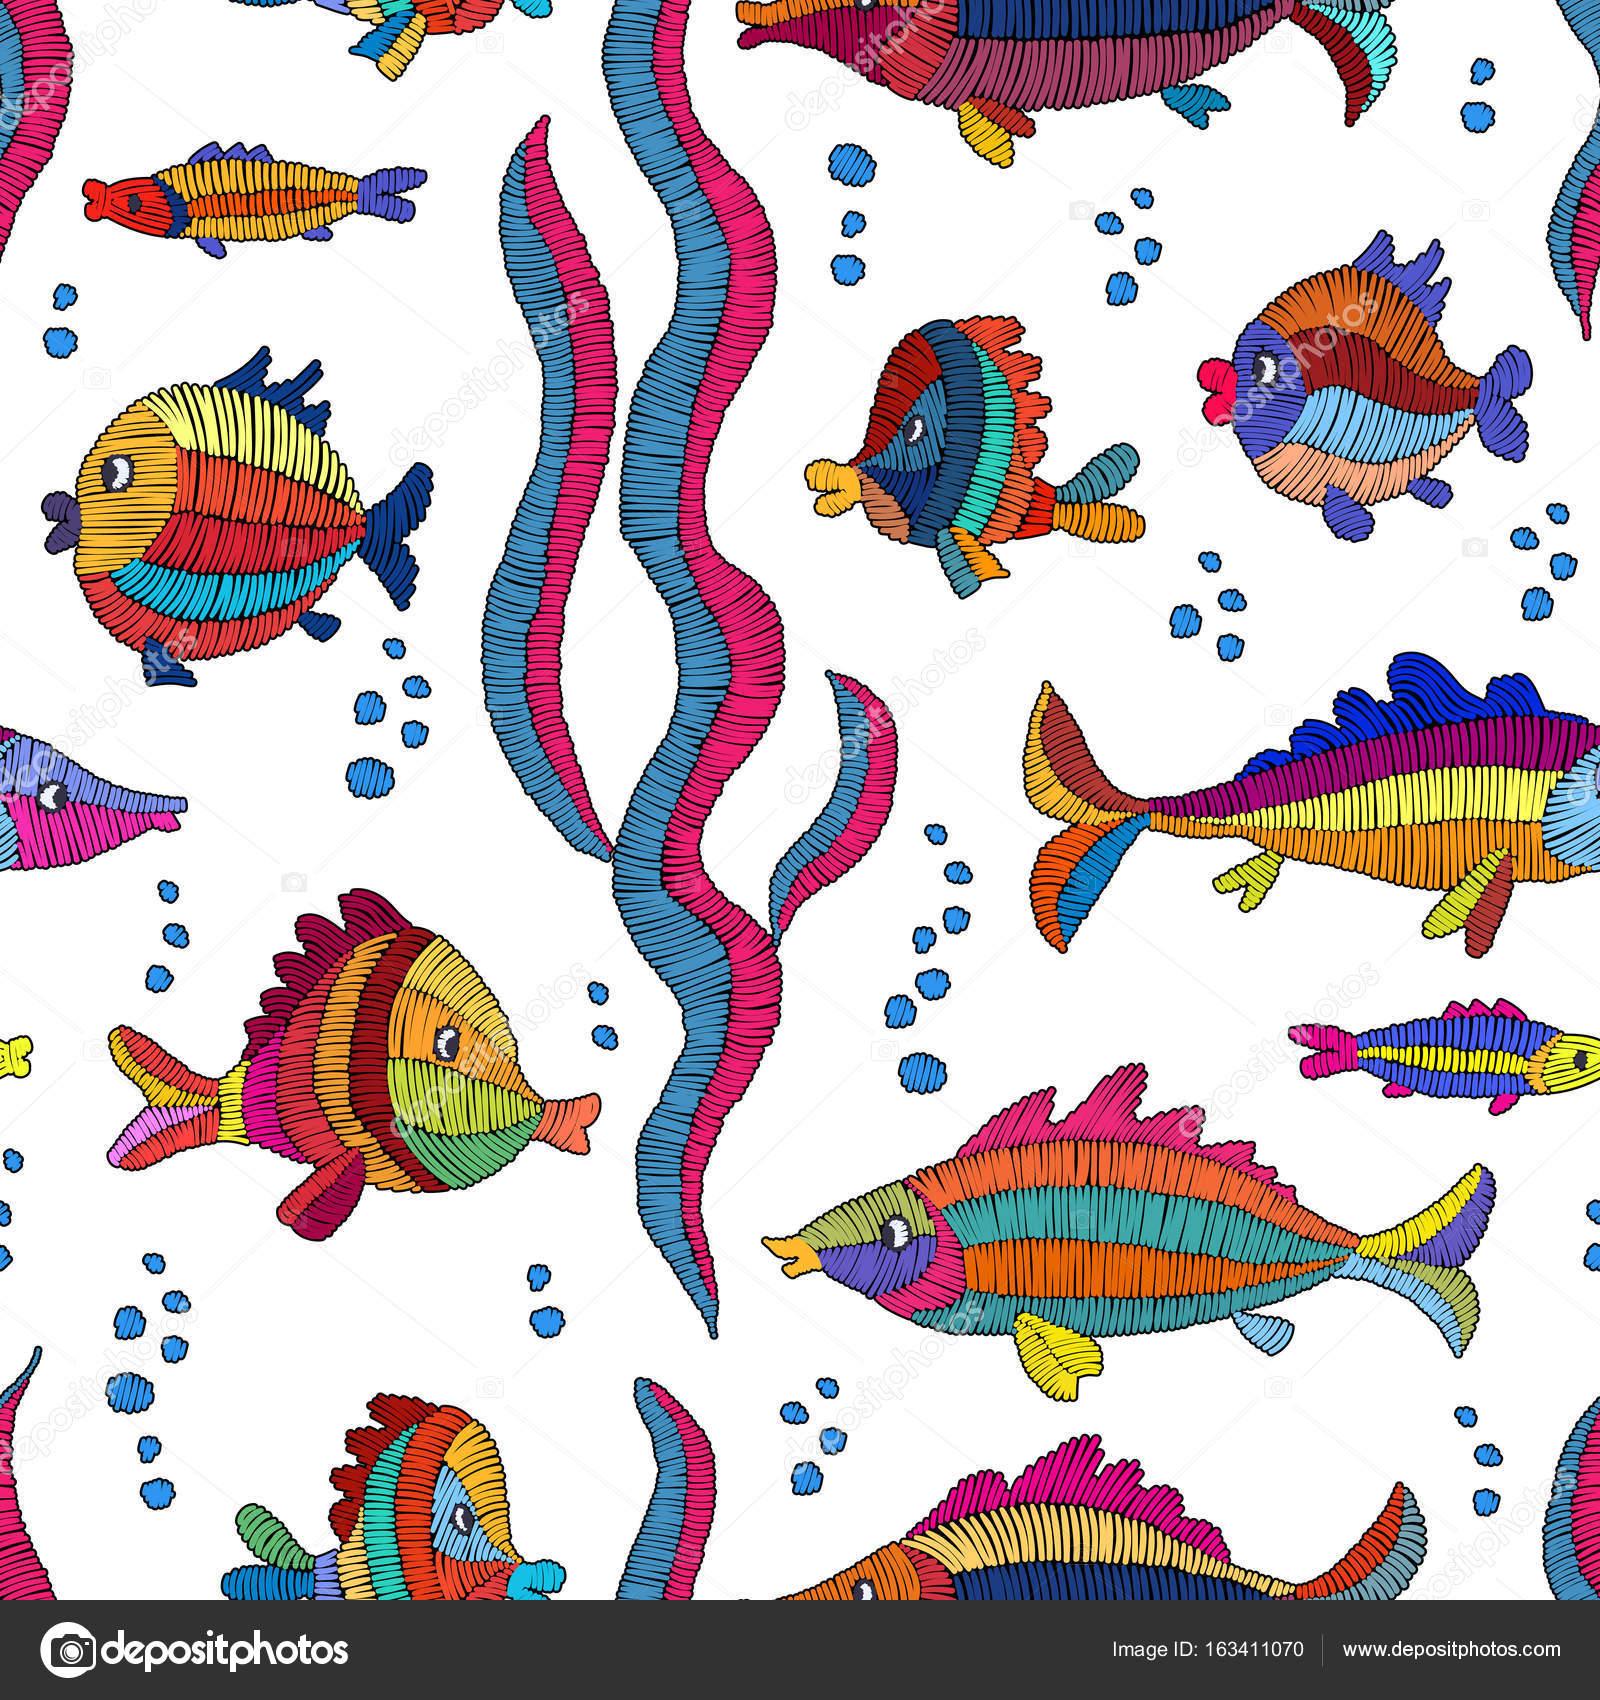 Animado: pescado para imprimir   Dibujos animados de pescado bordado ...